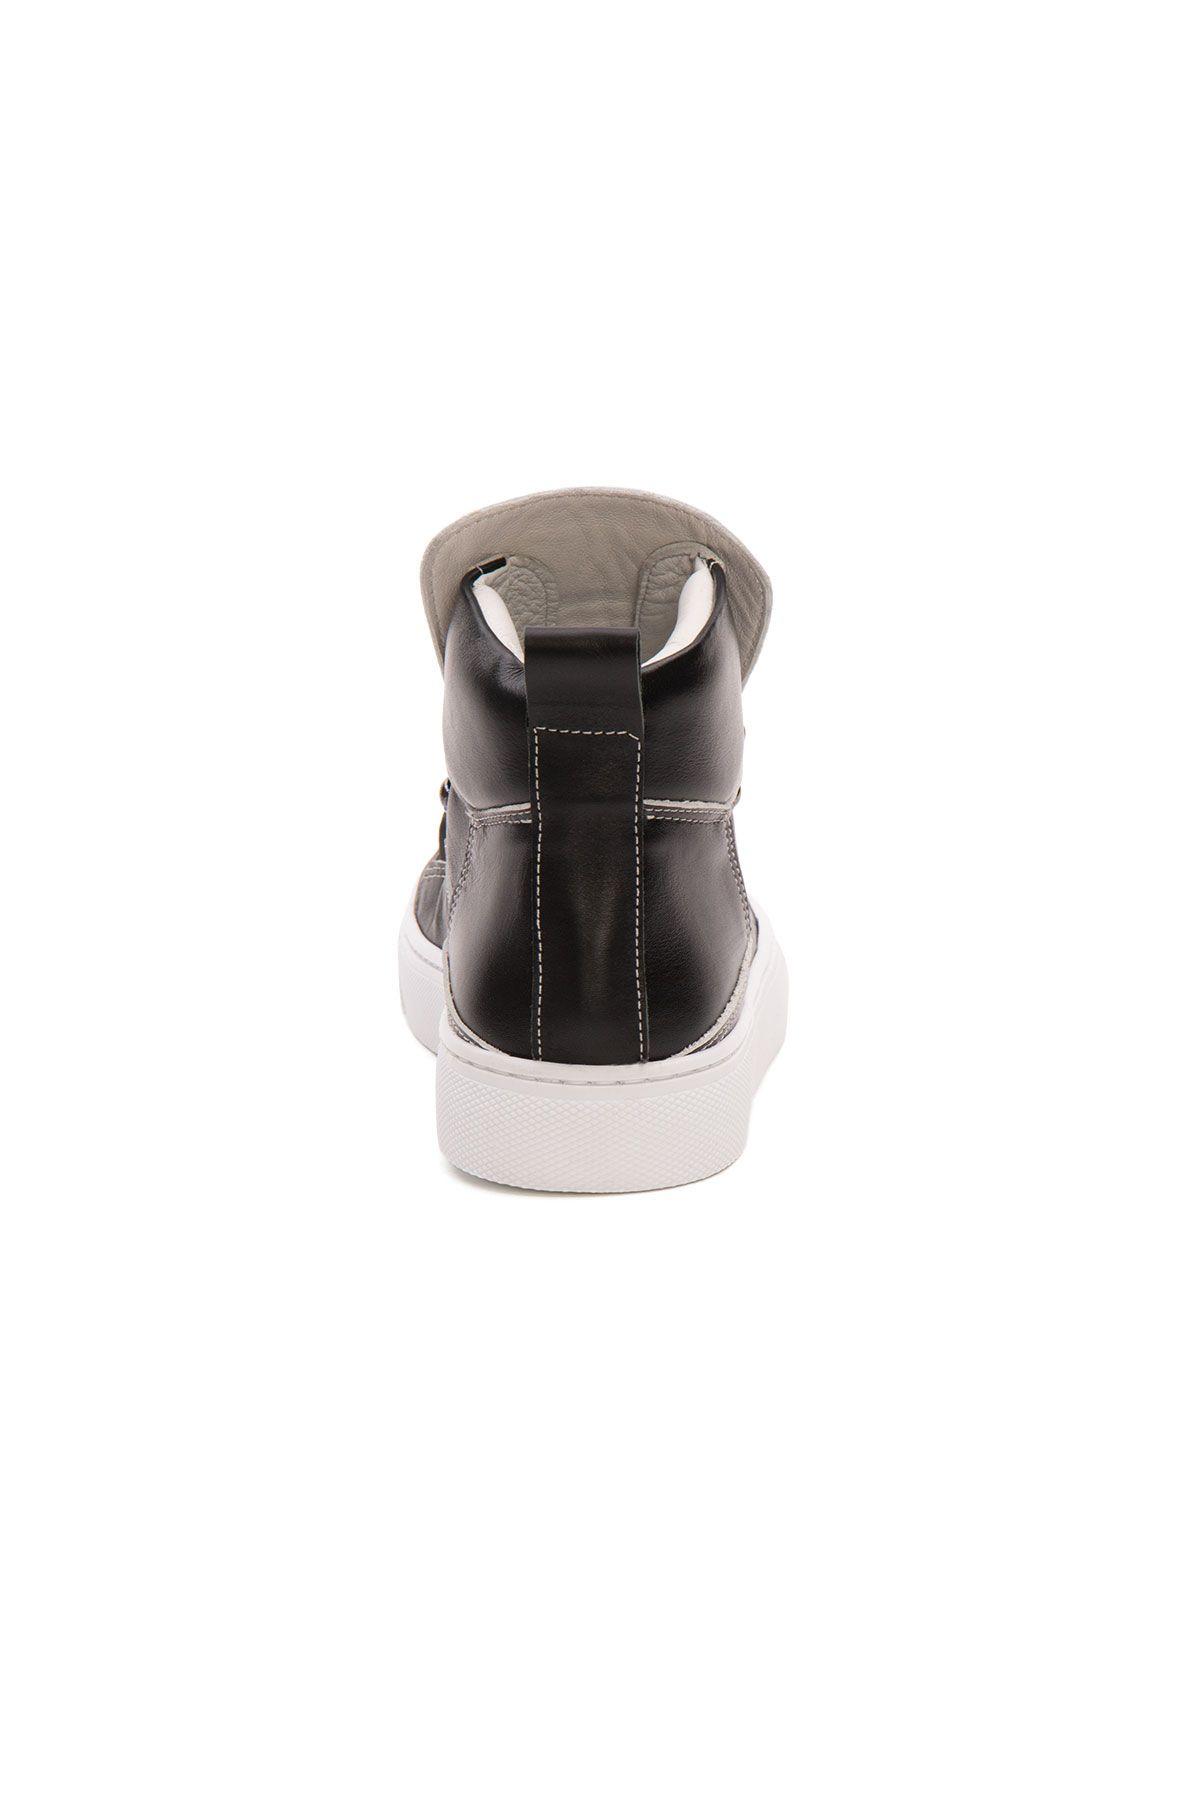 Pegia Genuine Leather Women's Sneaker LA1327 Black